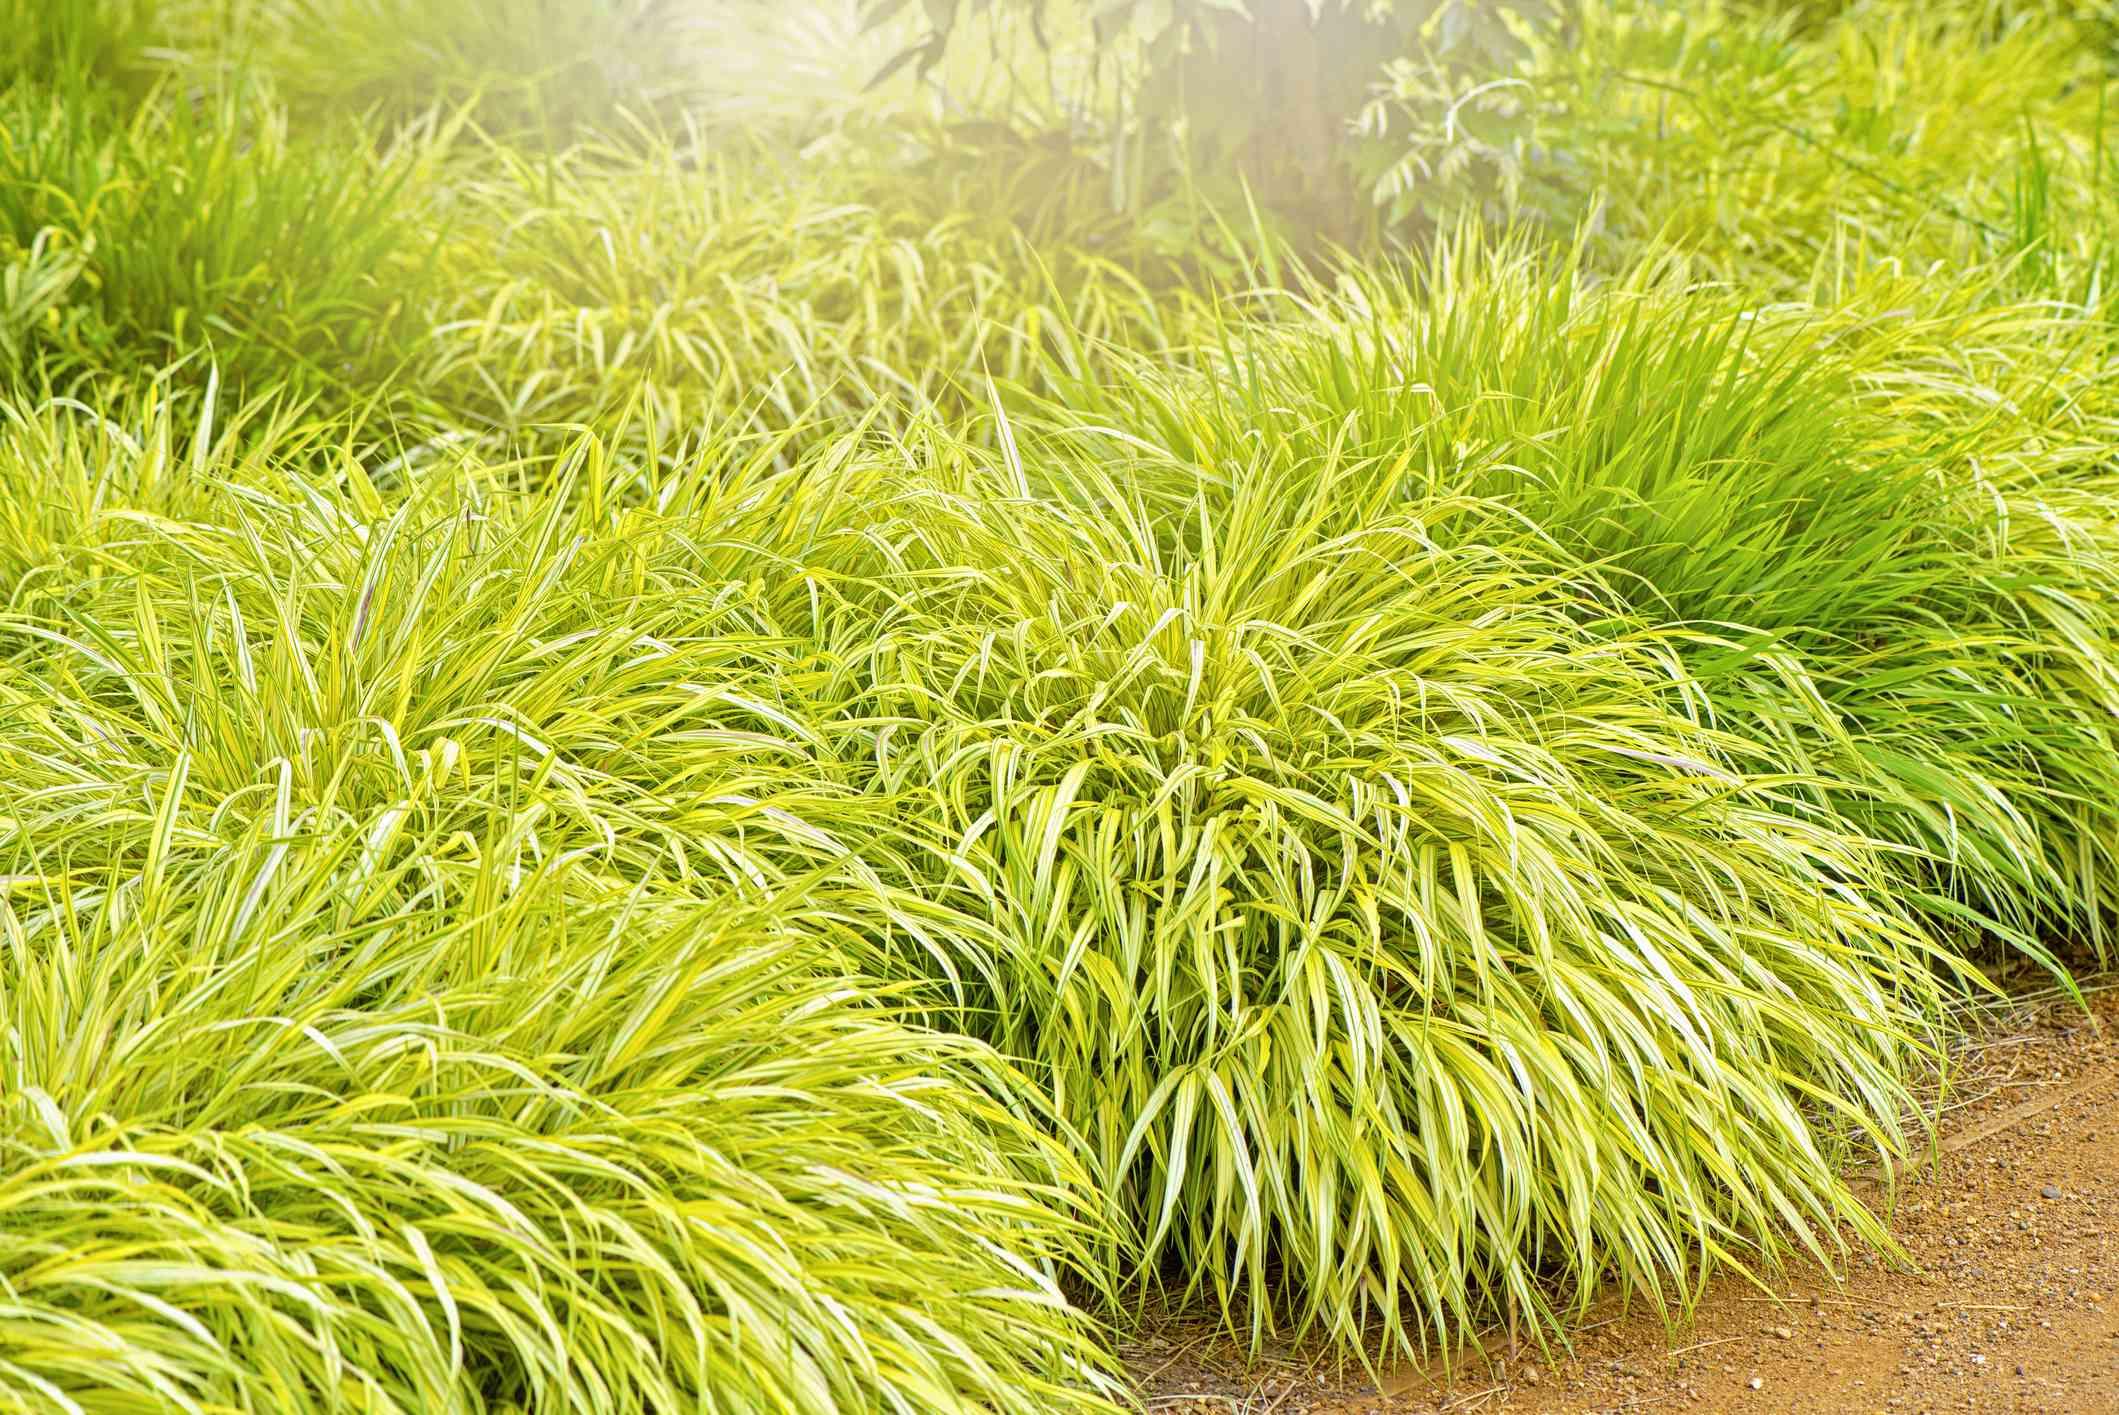 Garden bed of Hakone grass plants.